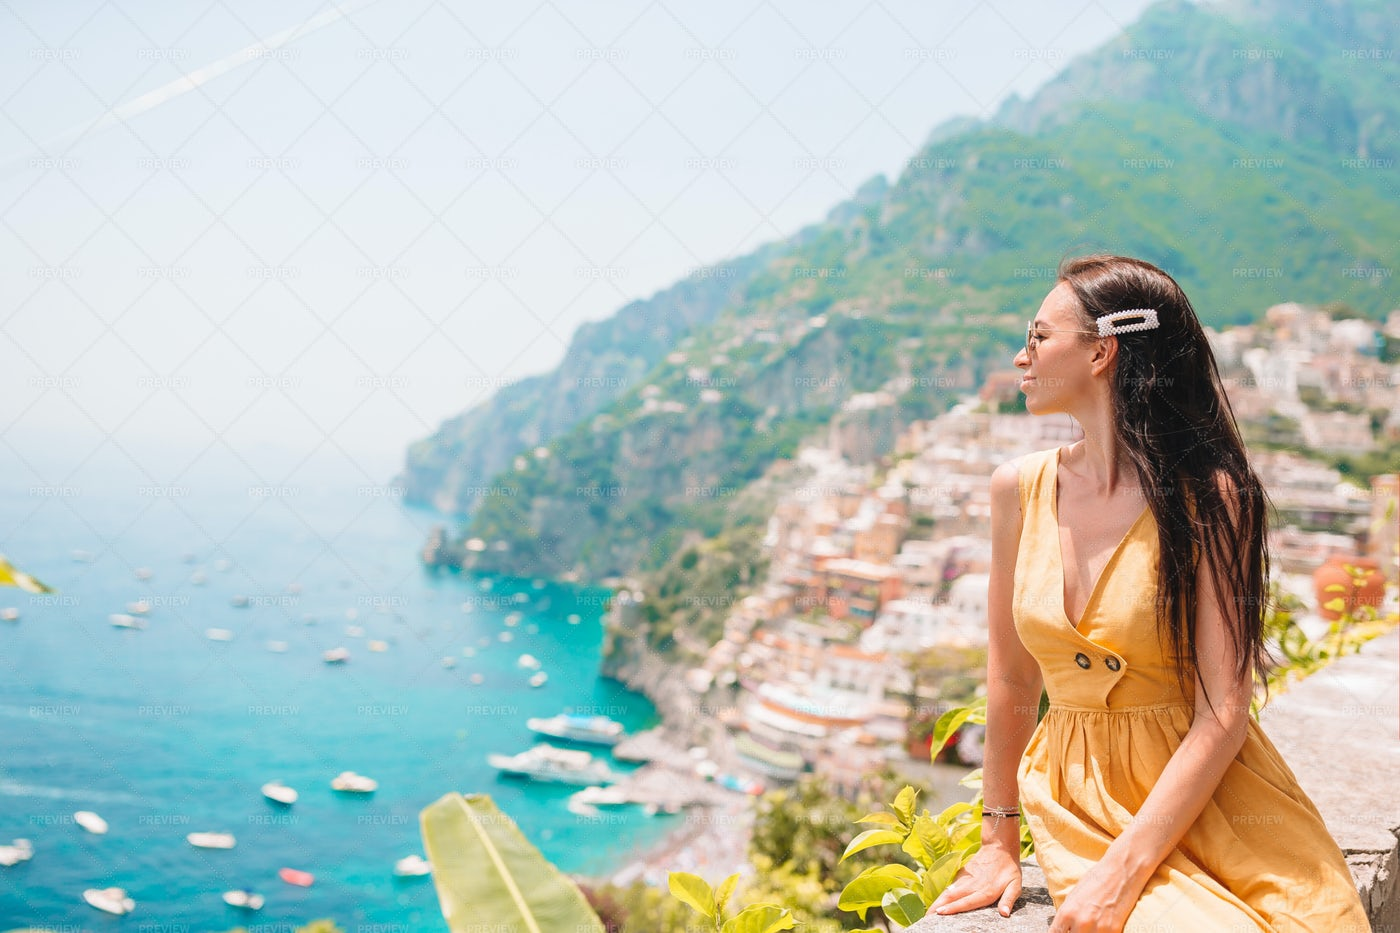 Positano Summer Holiday: Stock Photos